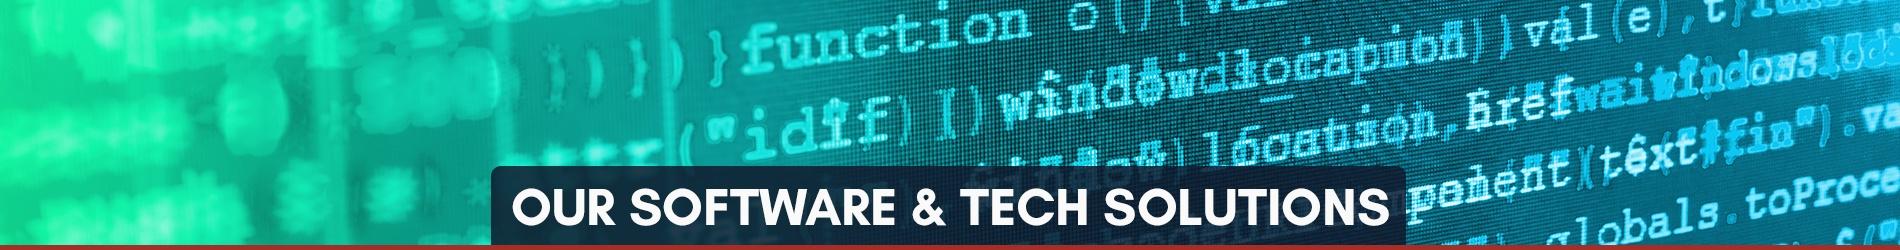 BSP_Industry_Solutions_Software_Header.jpg